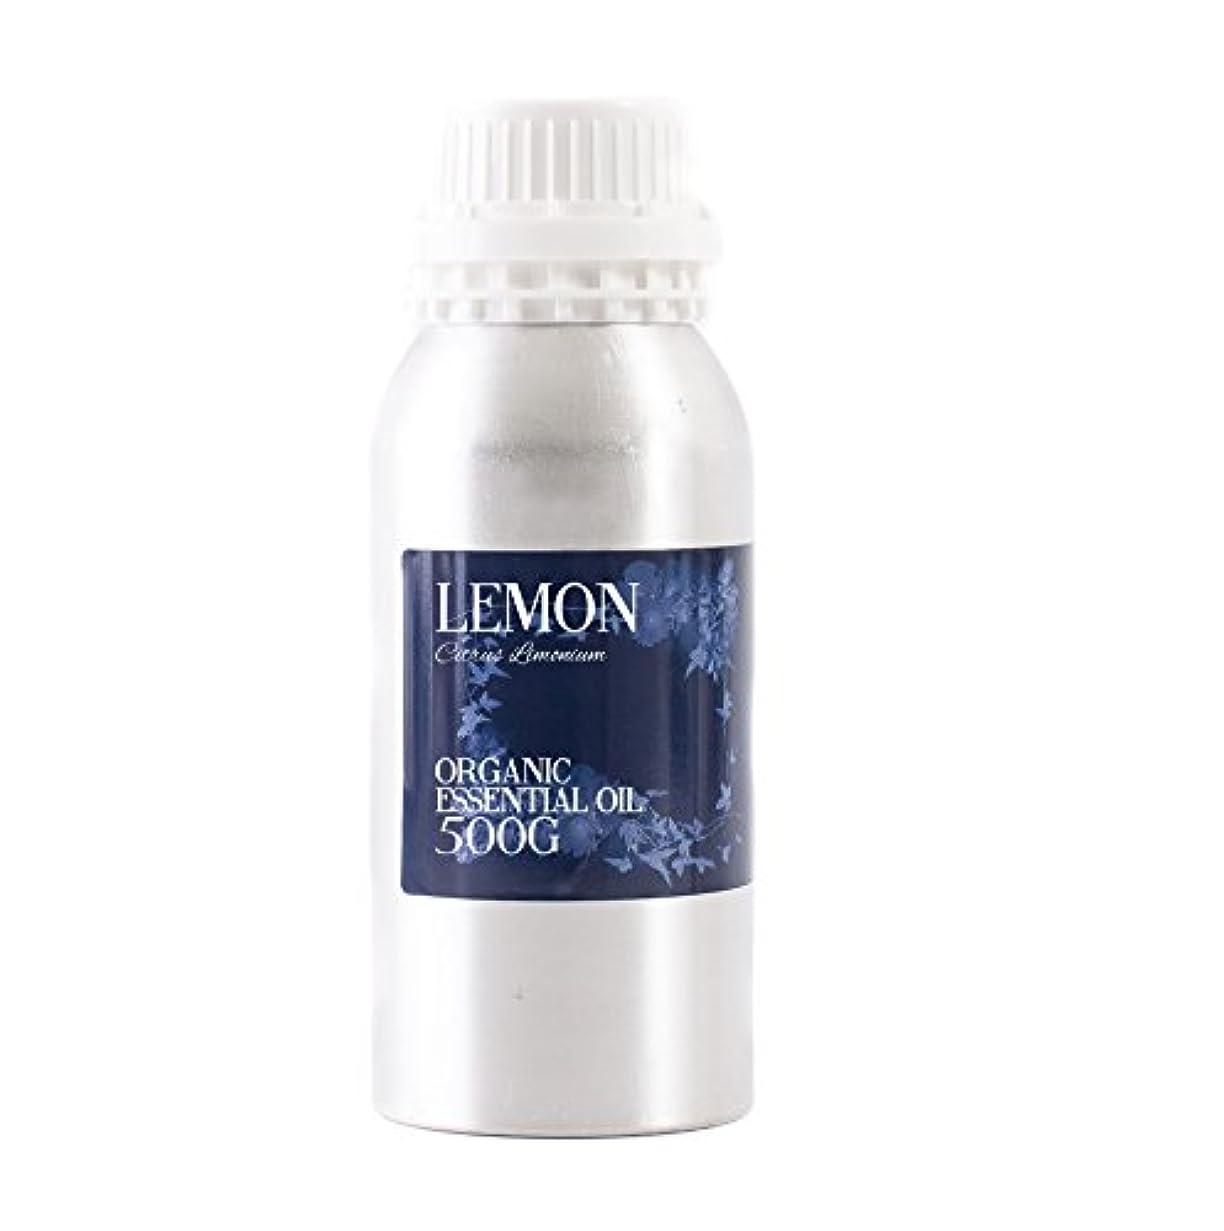 統計アミューズマリンMystic Moments | Lemon Organic Essential Oil - 500g - 100% Pure